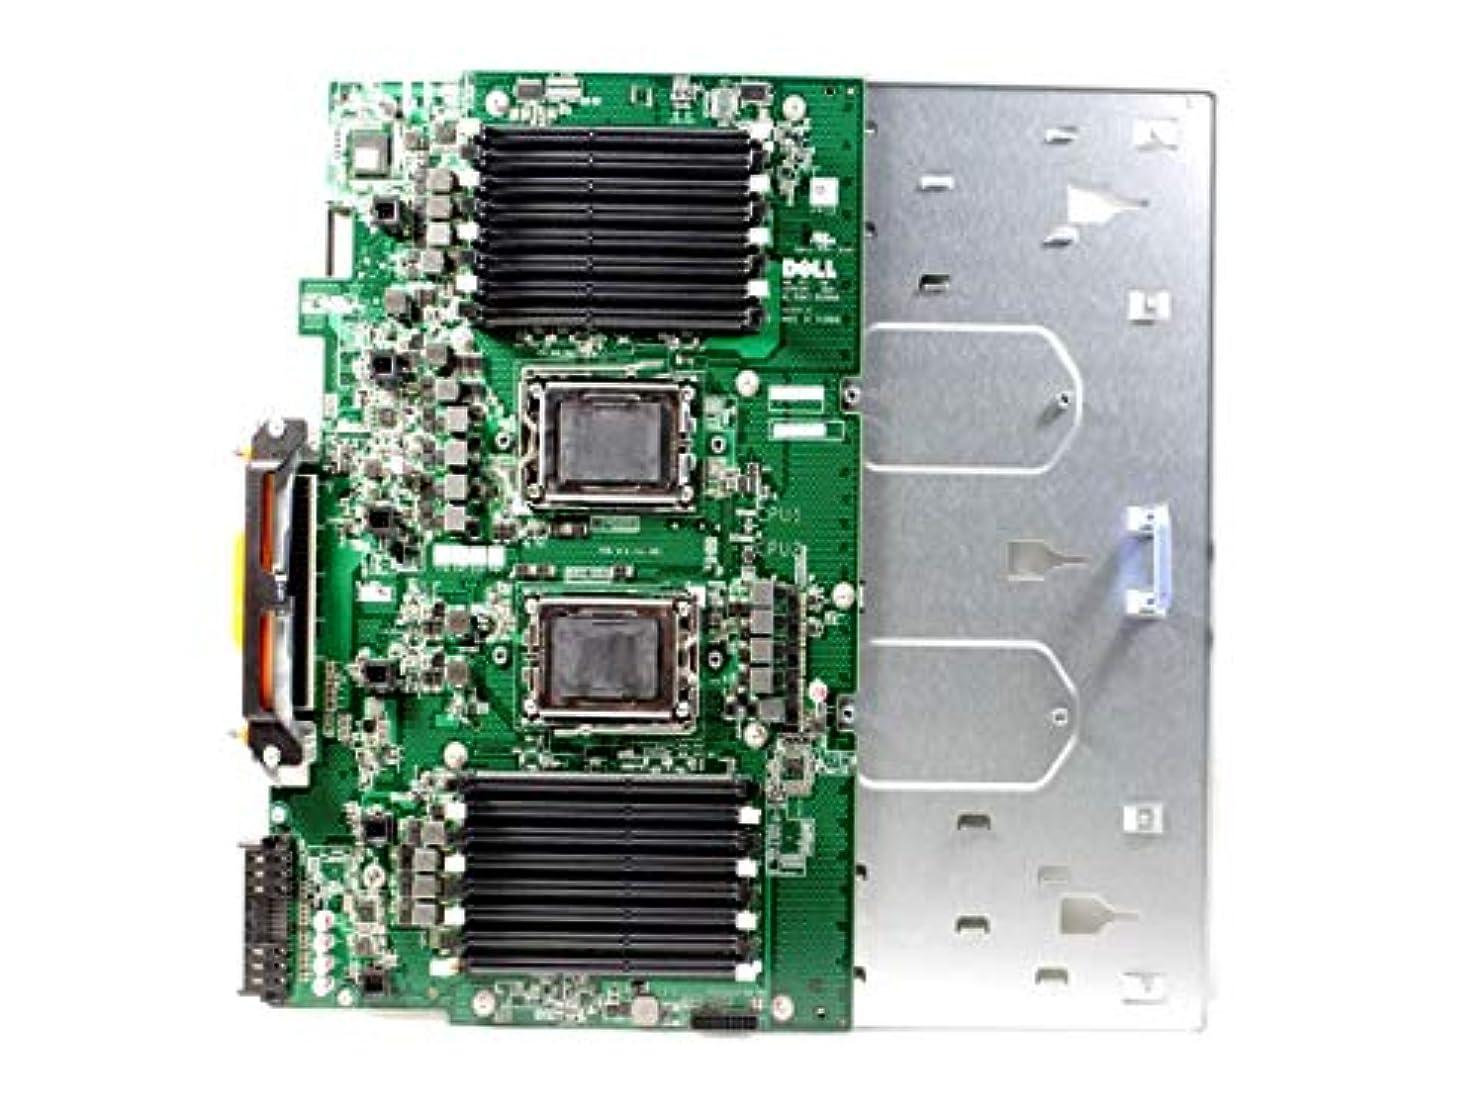 肝批判密度EbidDealz PowerEdge R715 CN-0DXTP3 AMD SR5650 SP5100 チップセット デュアルソケット DDR3 SDRAM 16メモリスロット サーバーマザーボード 0DXTP3